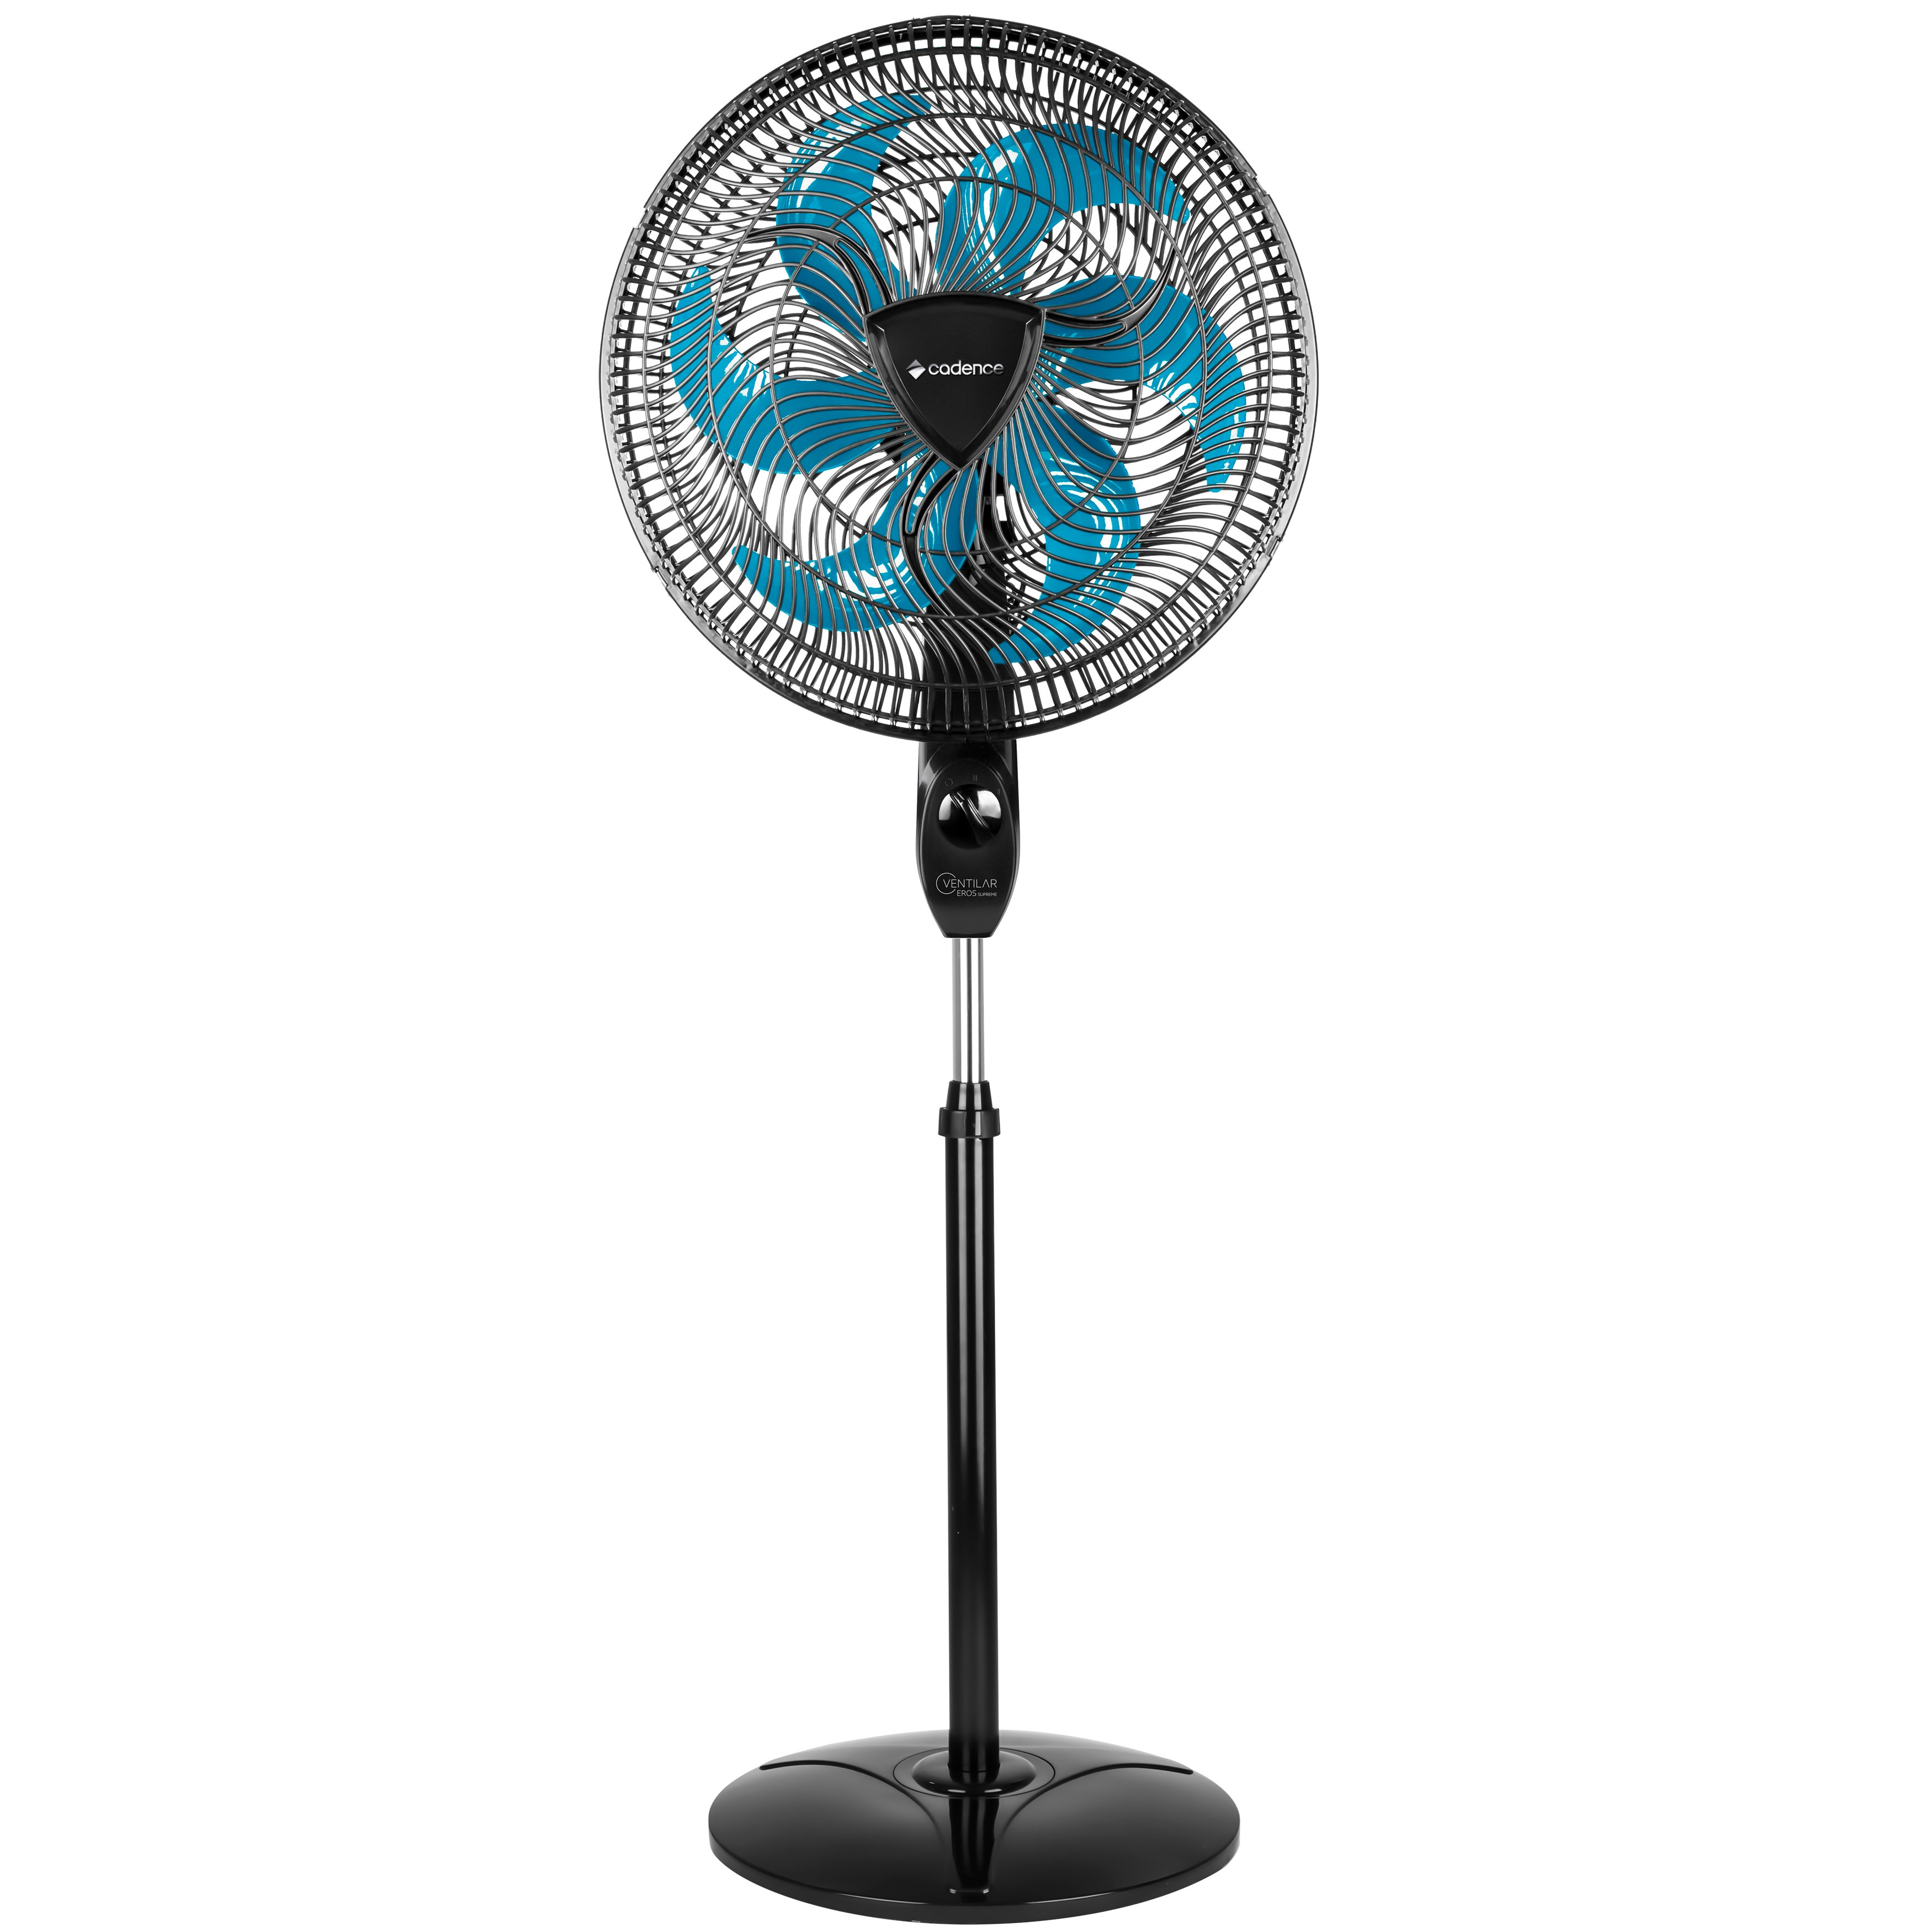 Ventilador de Coluna 220V 6 pás 40cm Ventilar Eros Supreme VTR865 Preto - Cadence